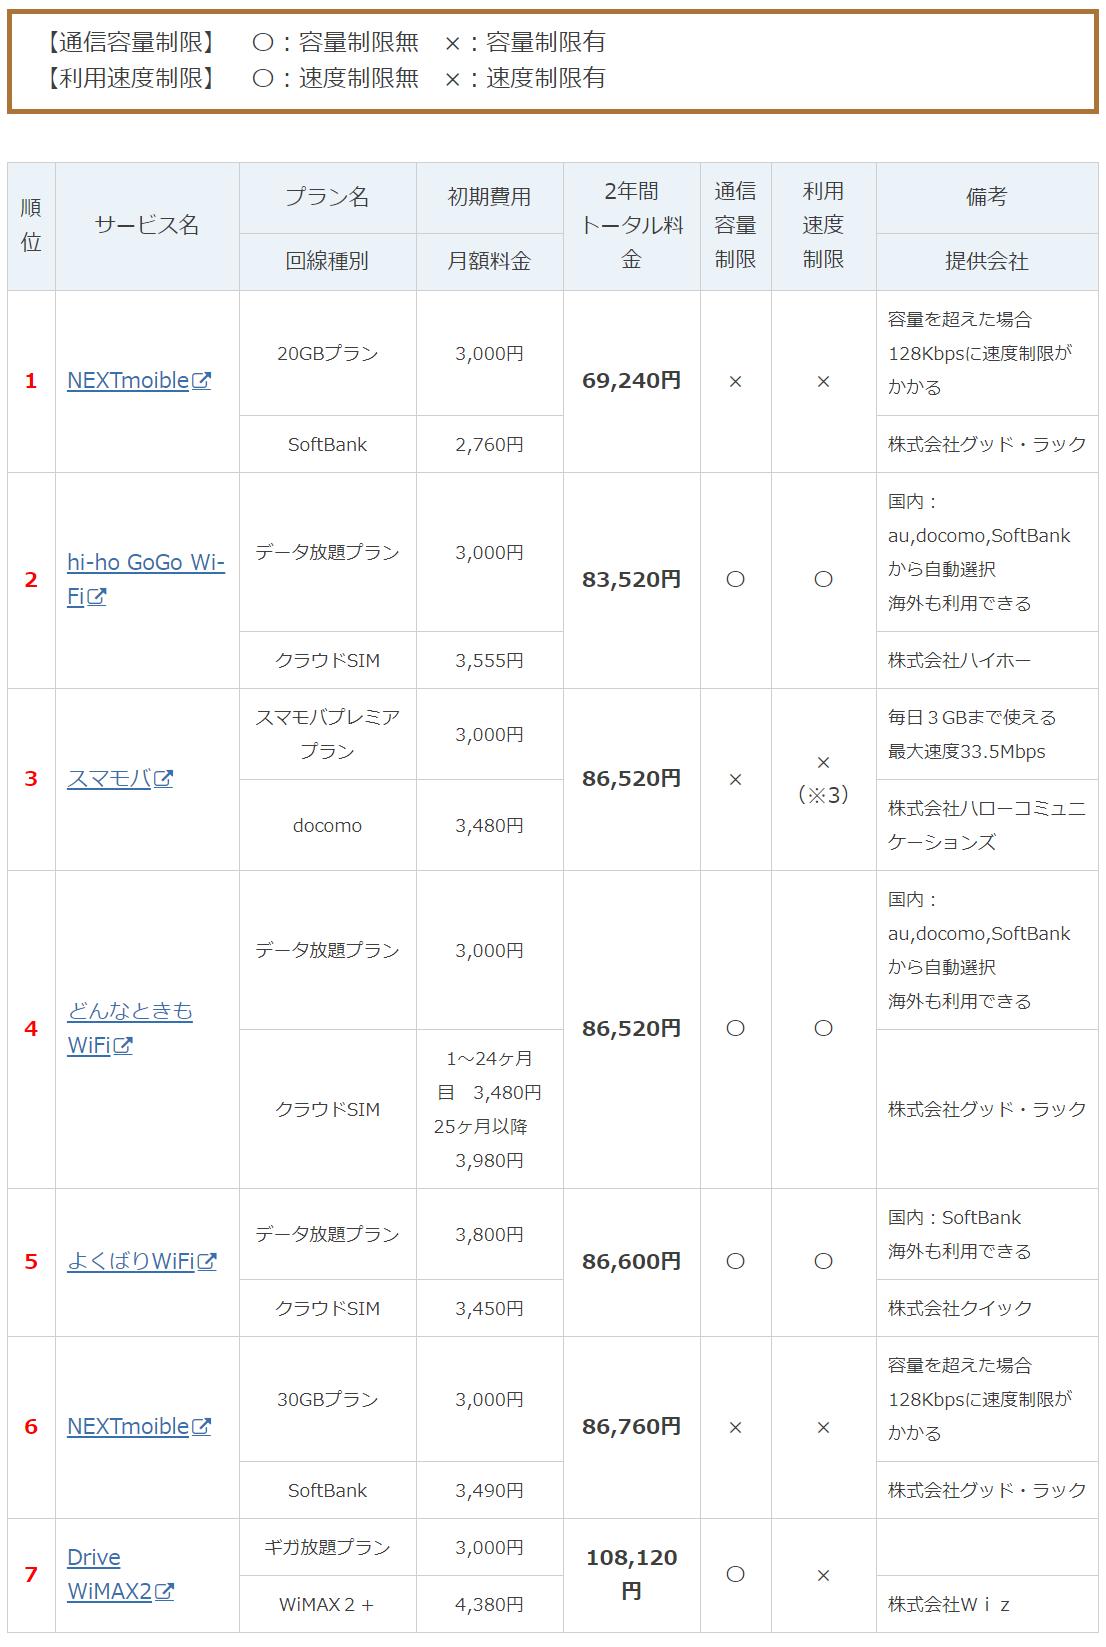 【2年契約プラン】モバイルWiFi料金比較表【ランキング】